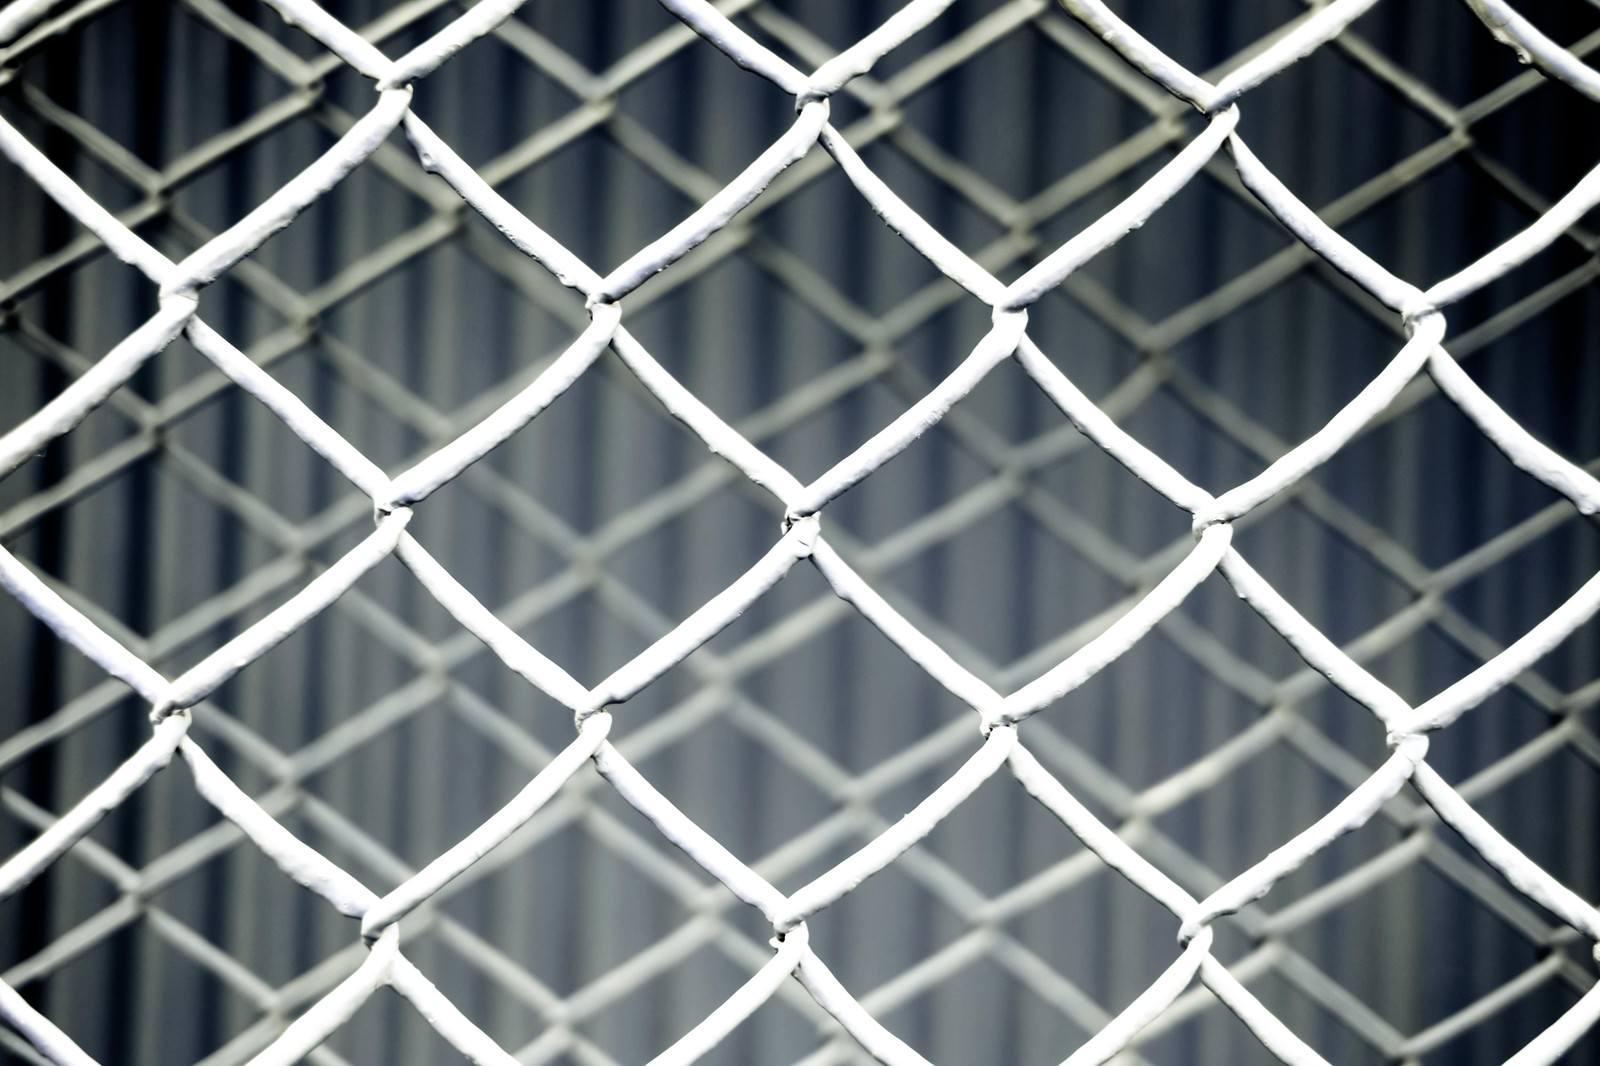 「重なった金網フェンス(灰) | 写真の無料素材・フリー素材 - ぱくたそ」の写真